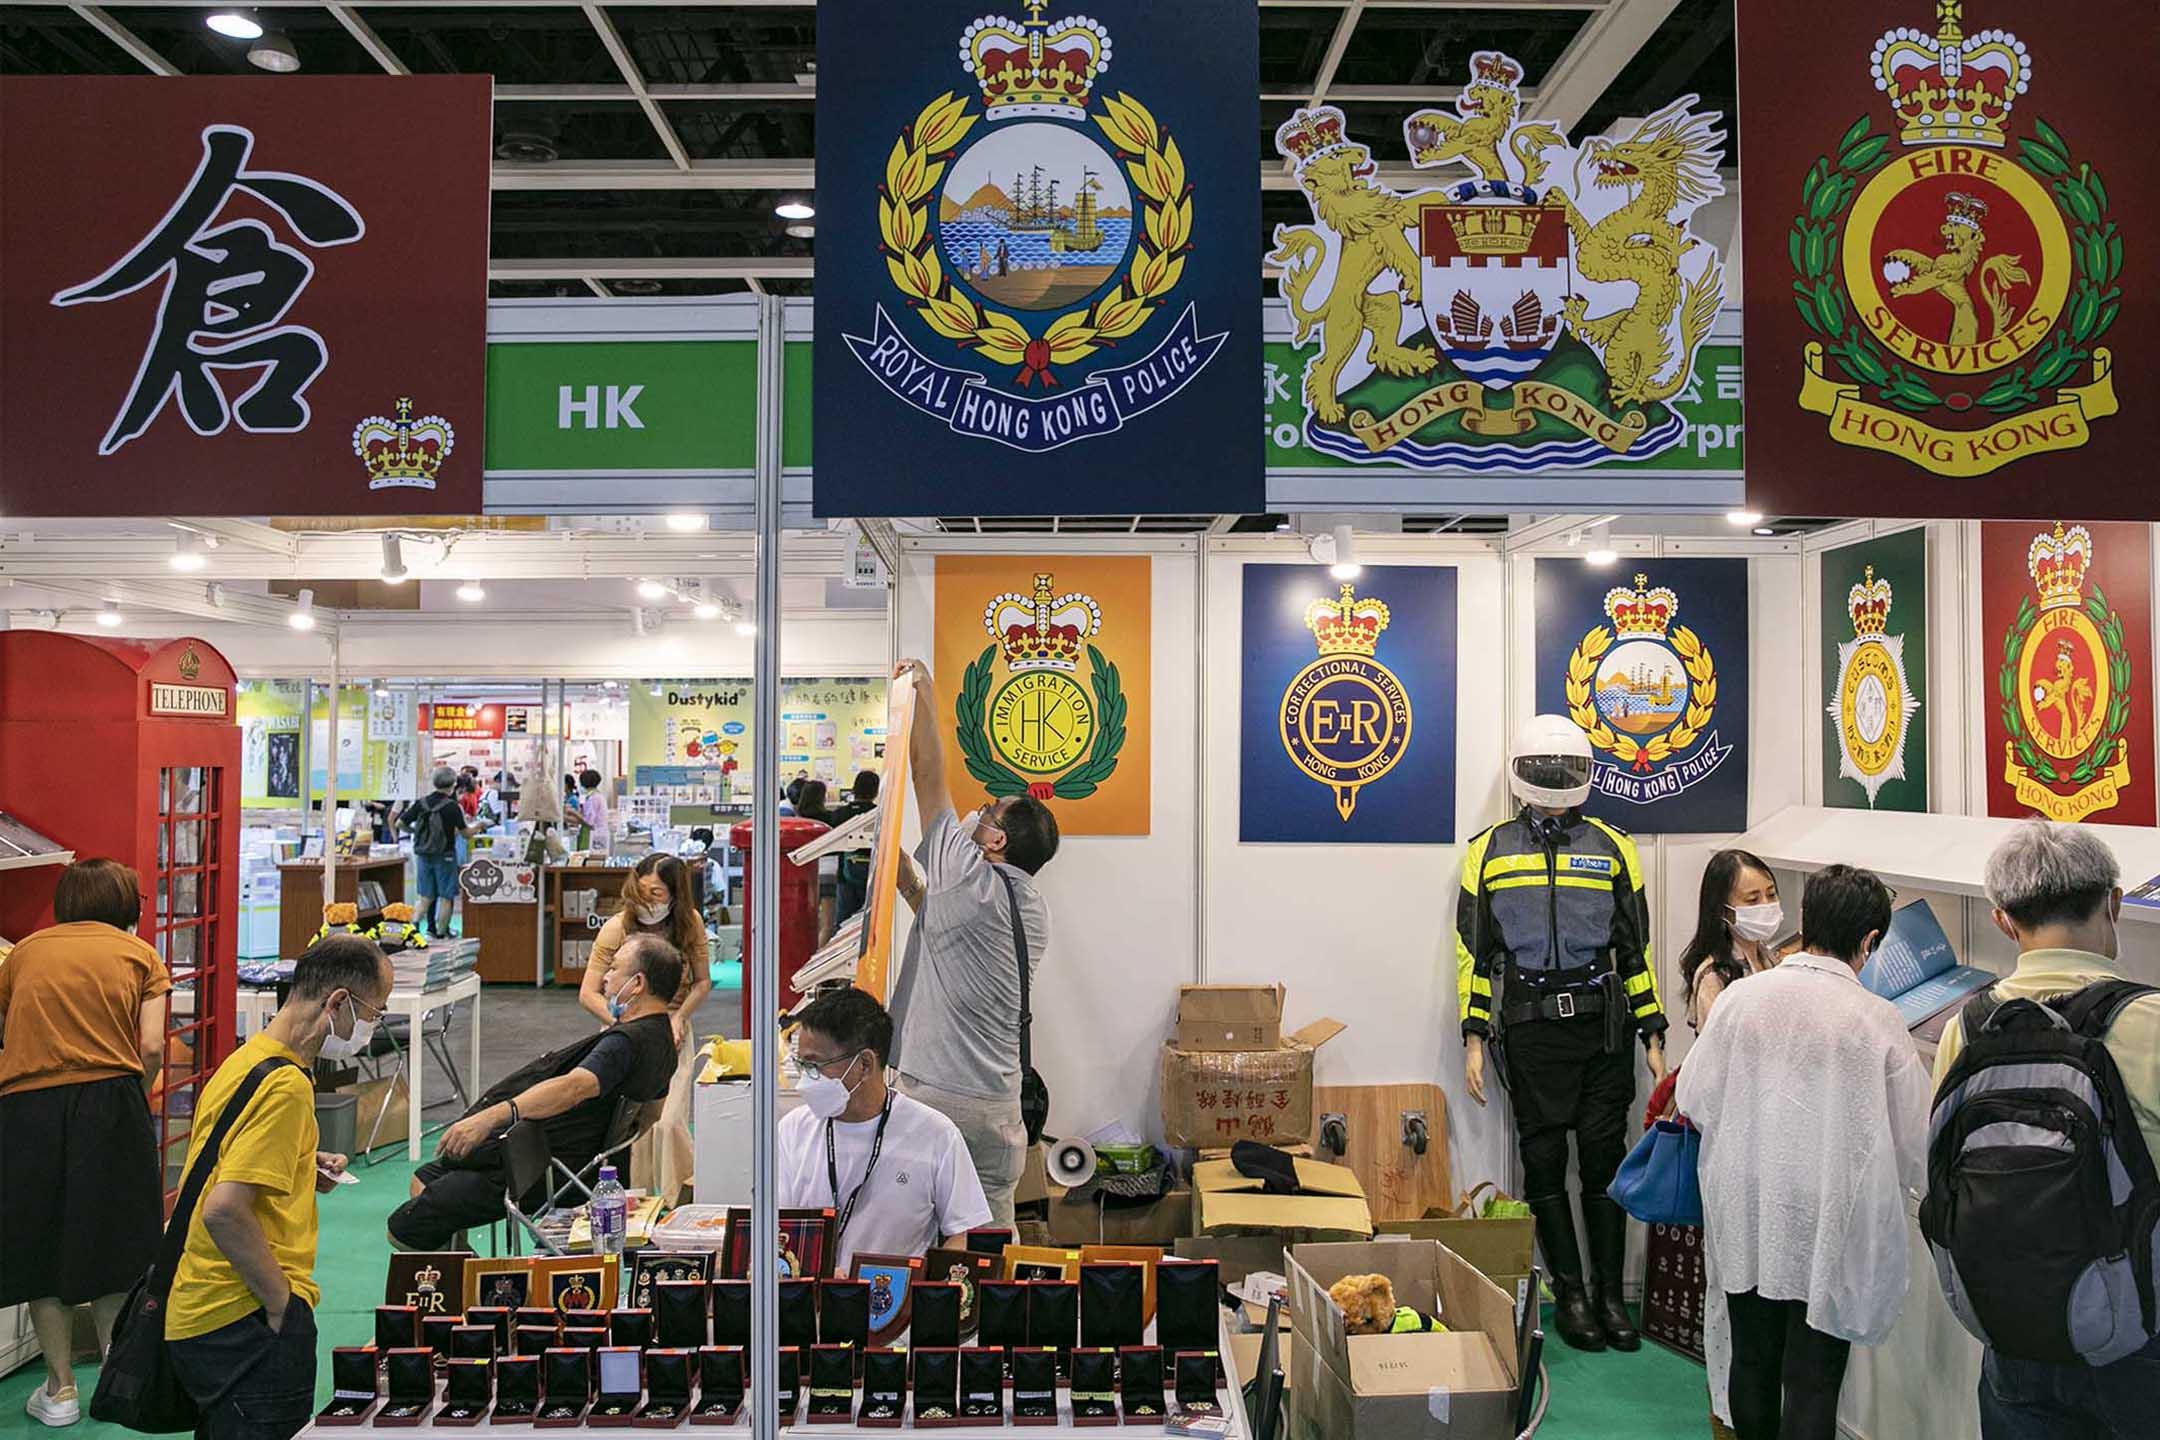 2021年7月14日香港書展,參展商皇家倉的攤位。